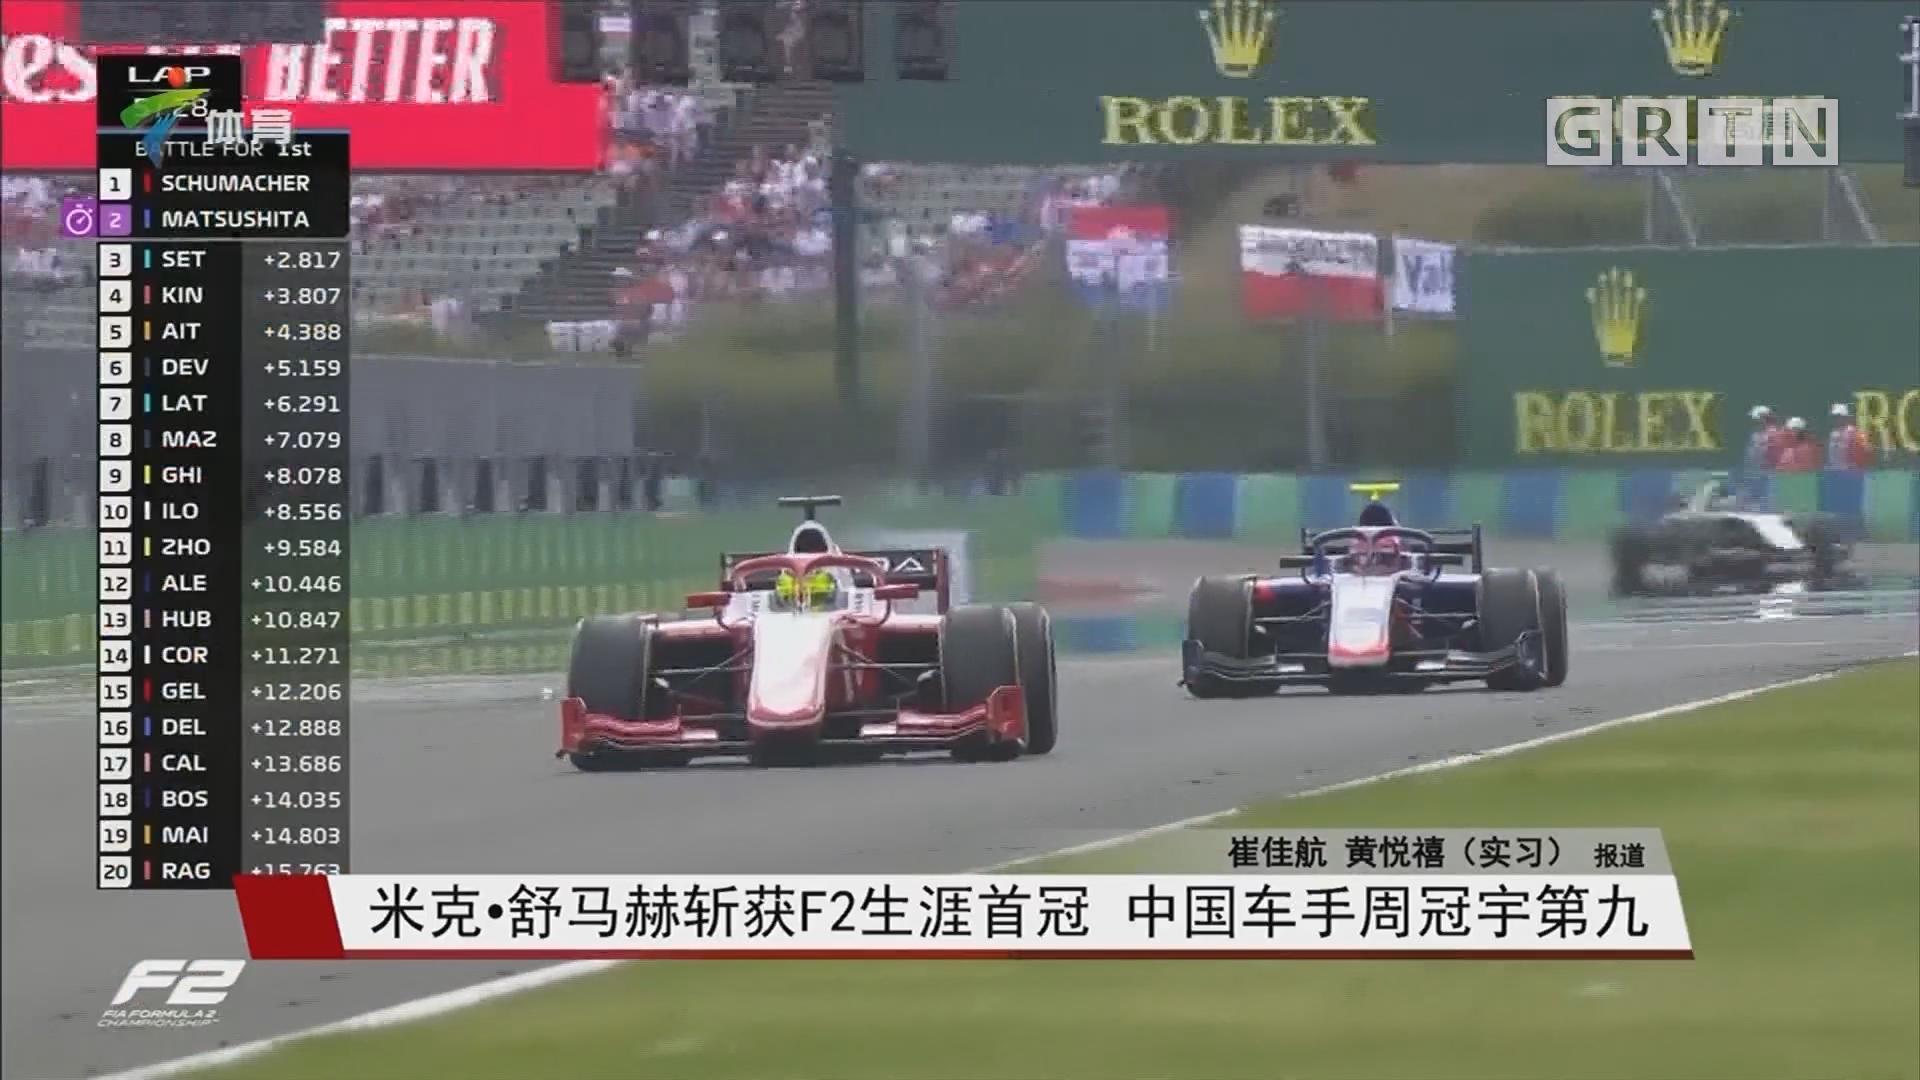 米克·舒马赫斩获F2生涯首冠 中国车手周冠宇第九